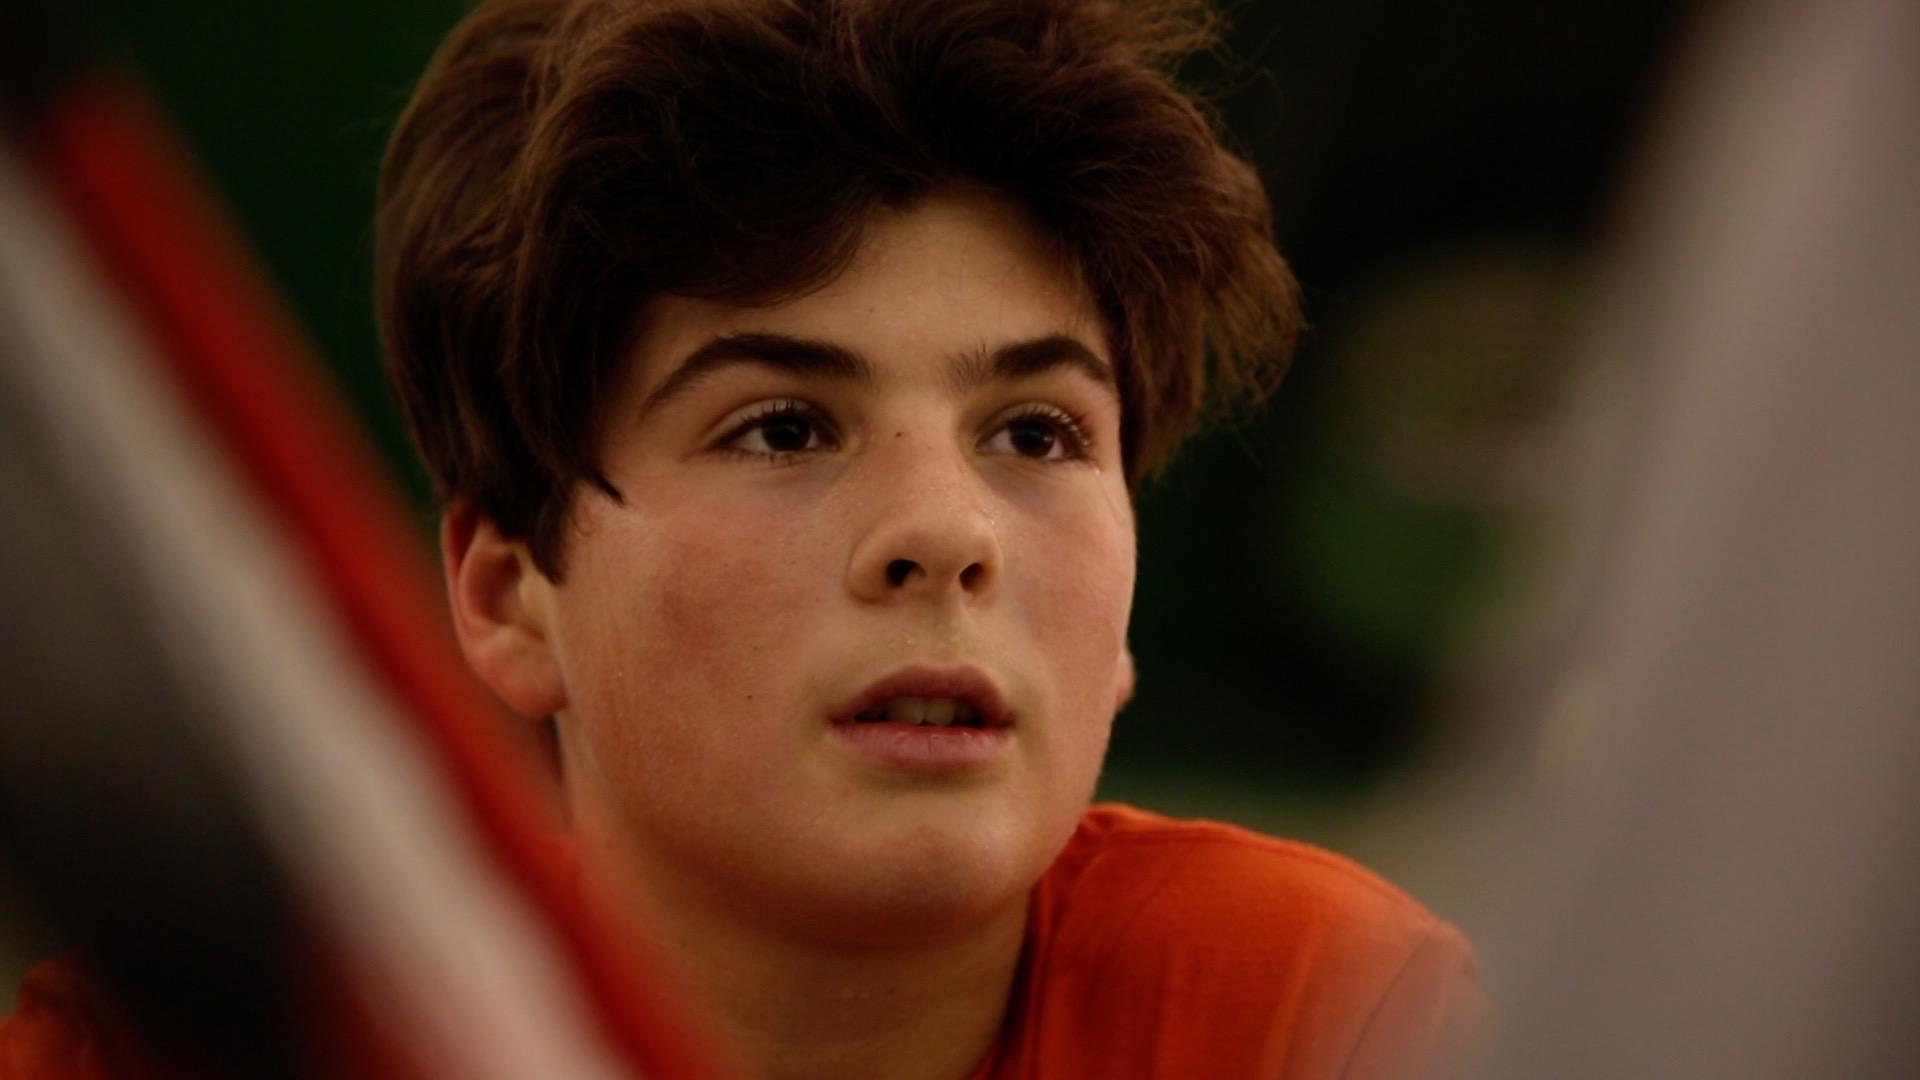 Daniel Zimmermann ist bereits mit 13 Jahren einer der besten Tennistalente in Tirol und Österreich